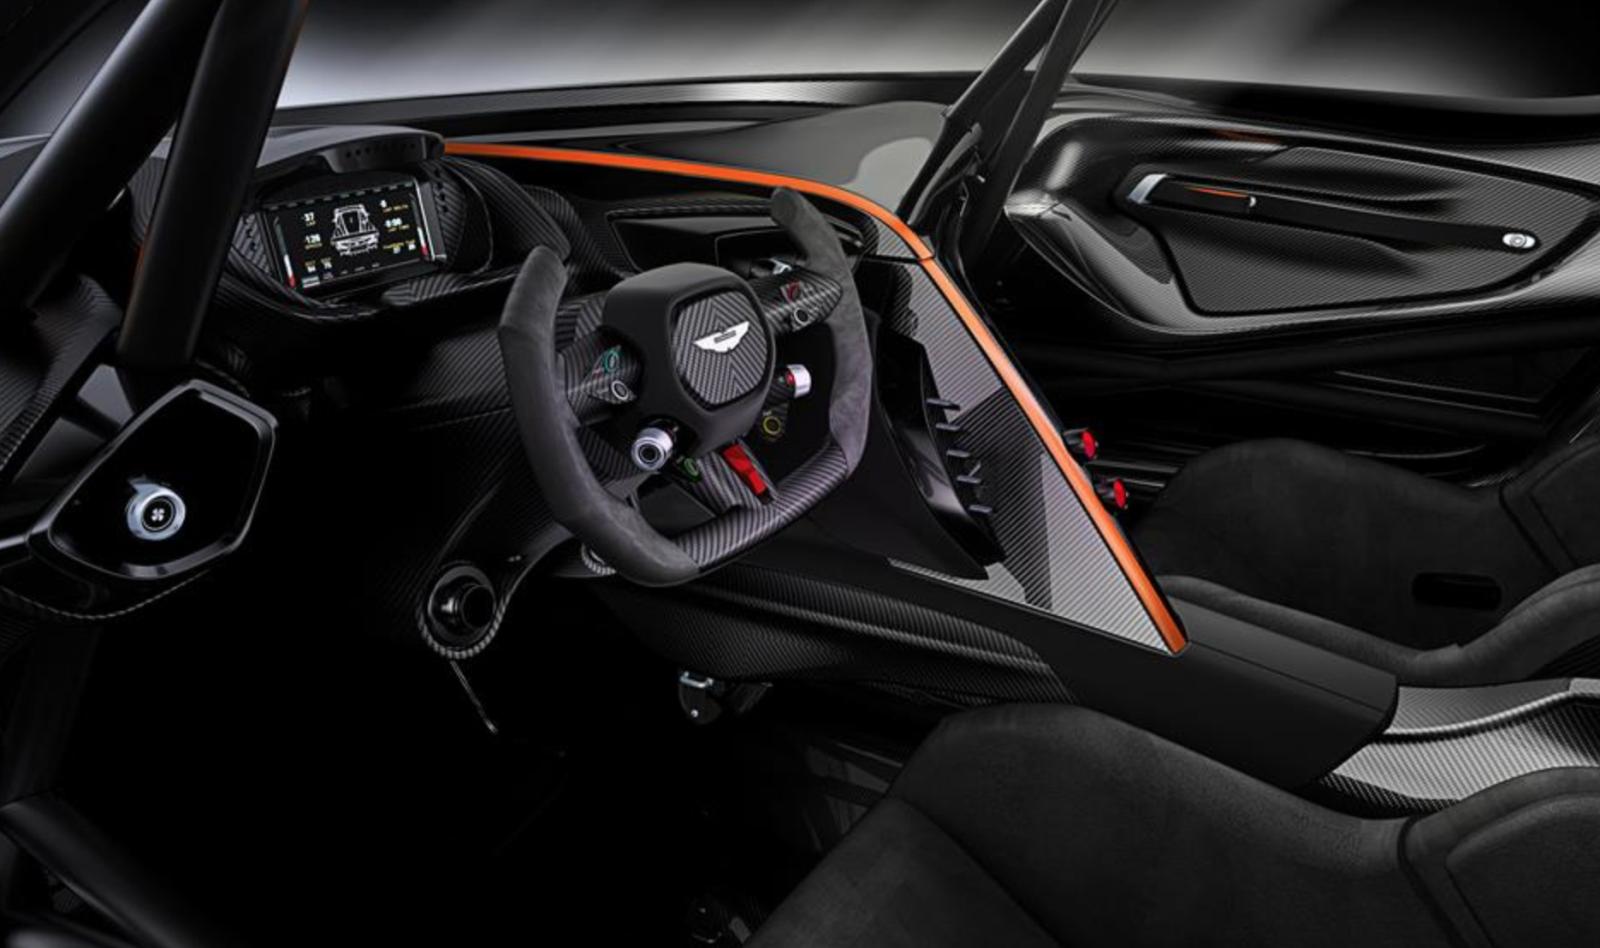 aston martin vulcan interior | Aston Martin | Pinterest